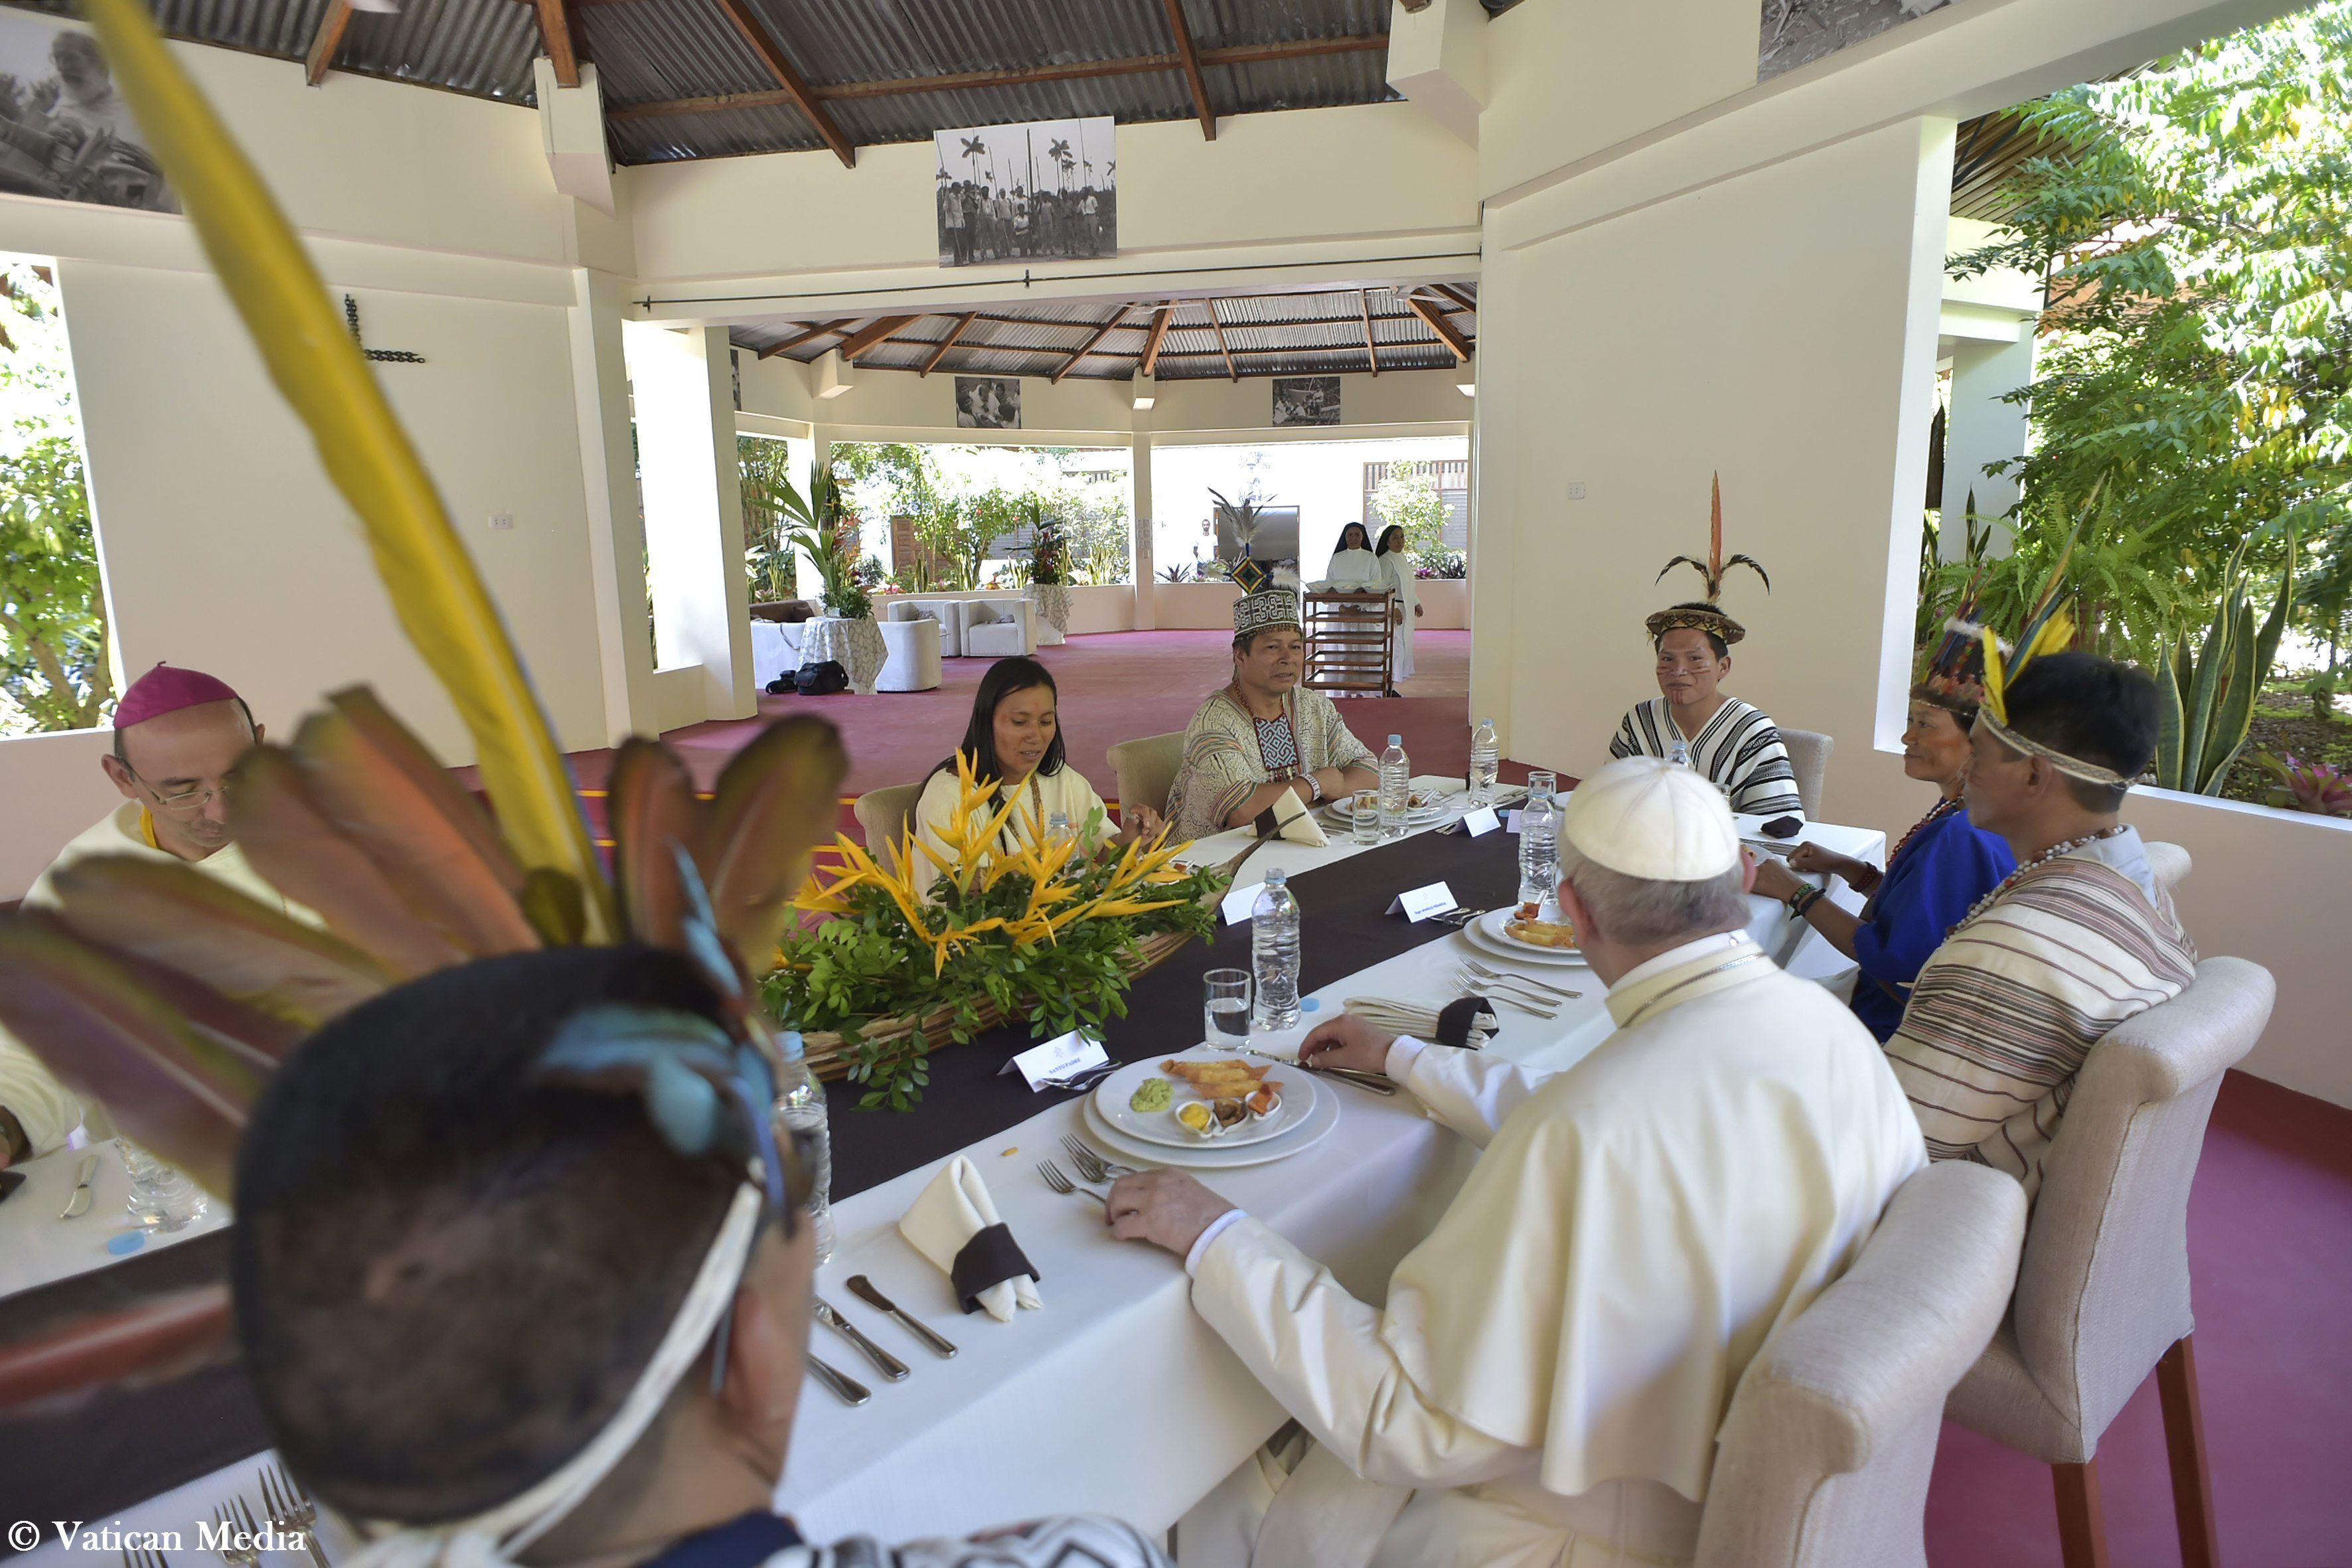 Déjeuner avec des Amérindiens d'Amazonie à Puerto Maldonado, Pérou © Vatican Media